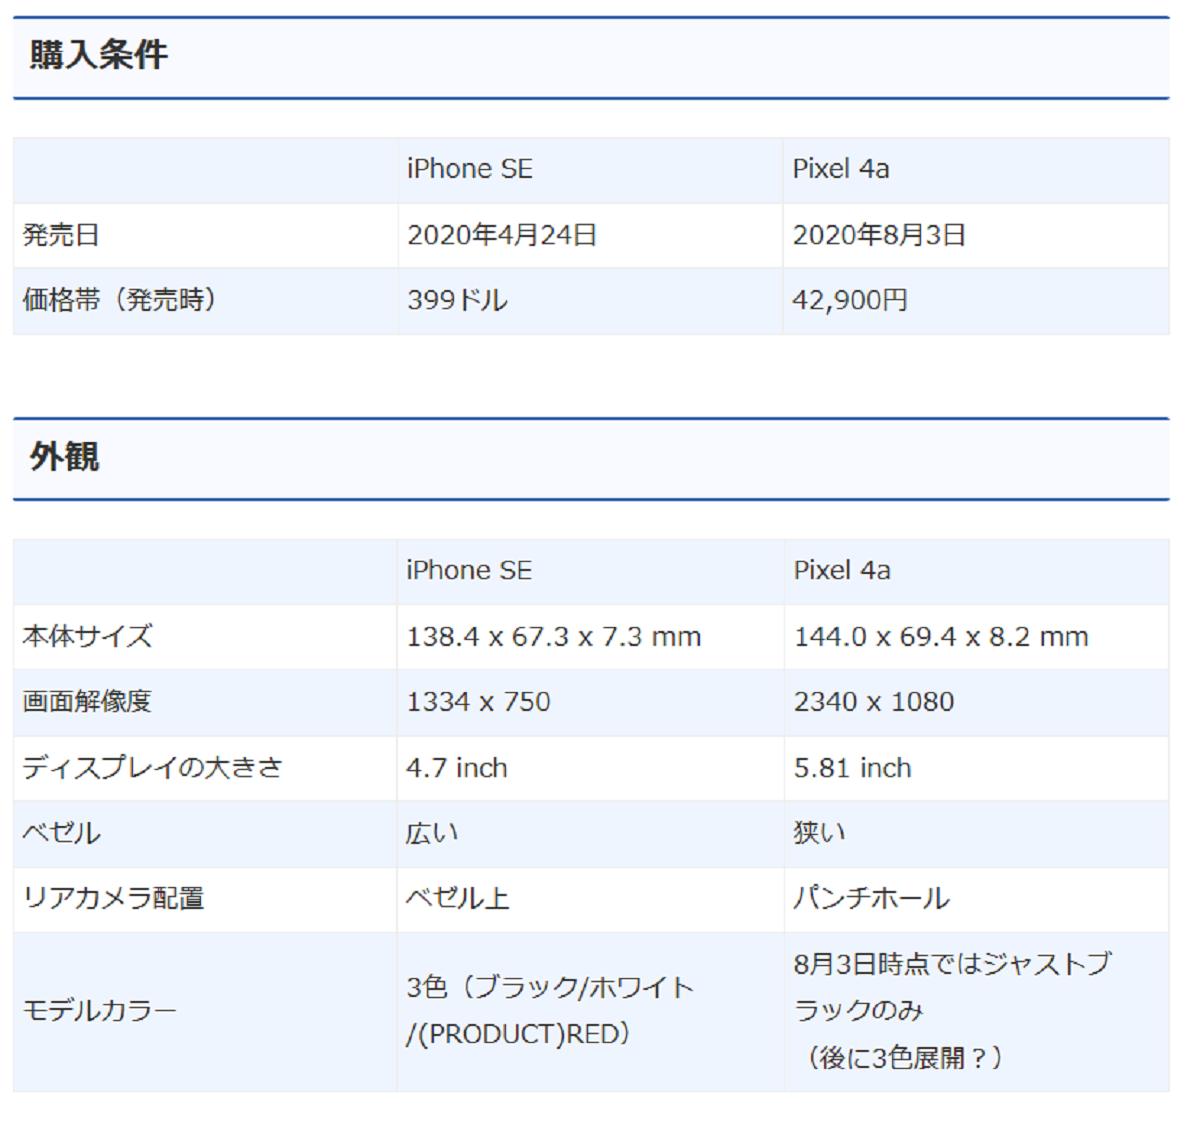 ピクセル4aとアイフォンSEの比較表